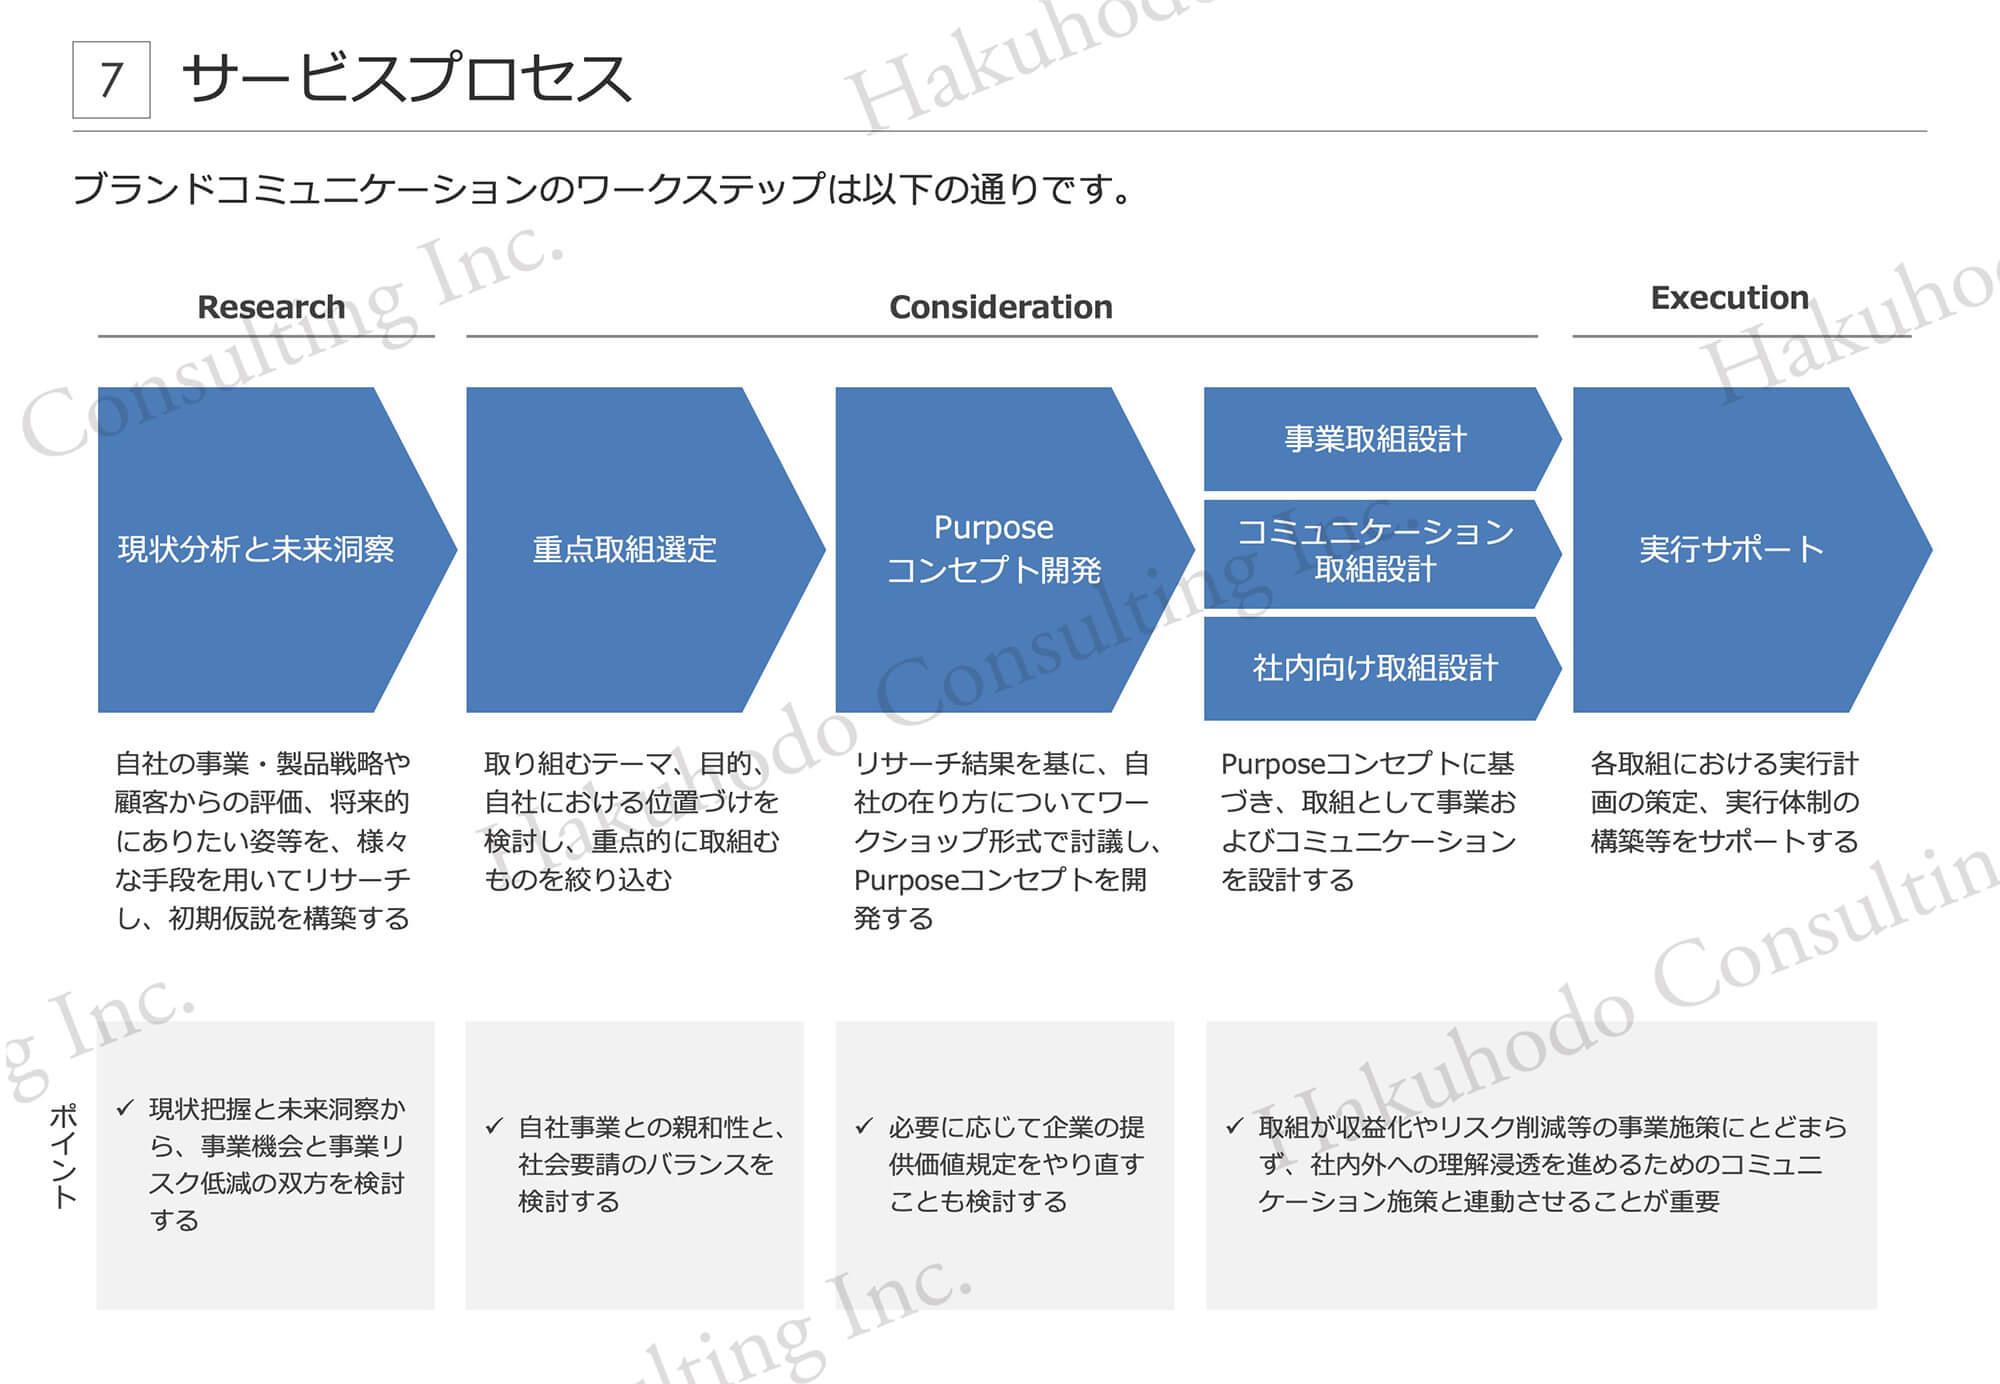 サービスプロセス7ブランドコミュニケーションのワークステップは以下の通りです。